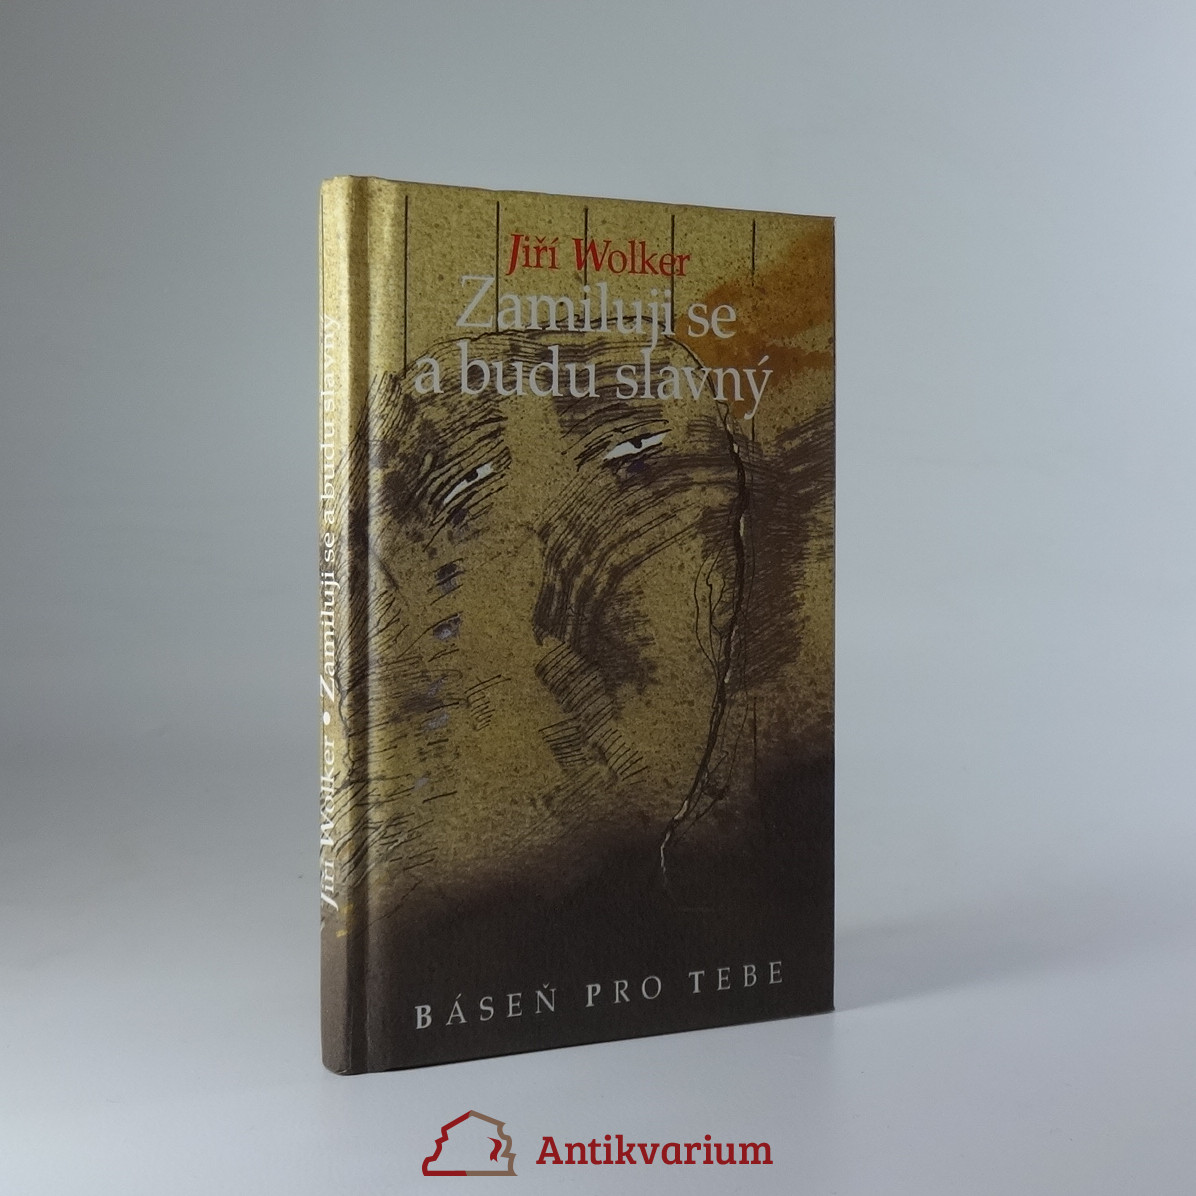 antikvární kniha Zamiluji se a budu slavný, 1997